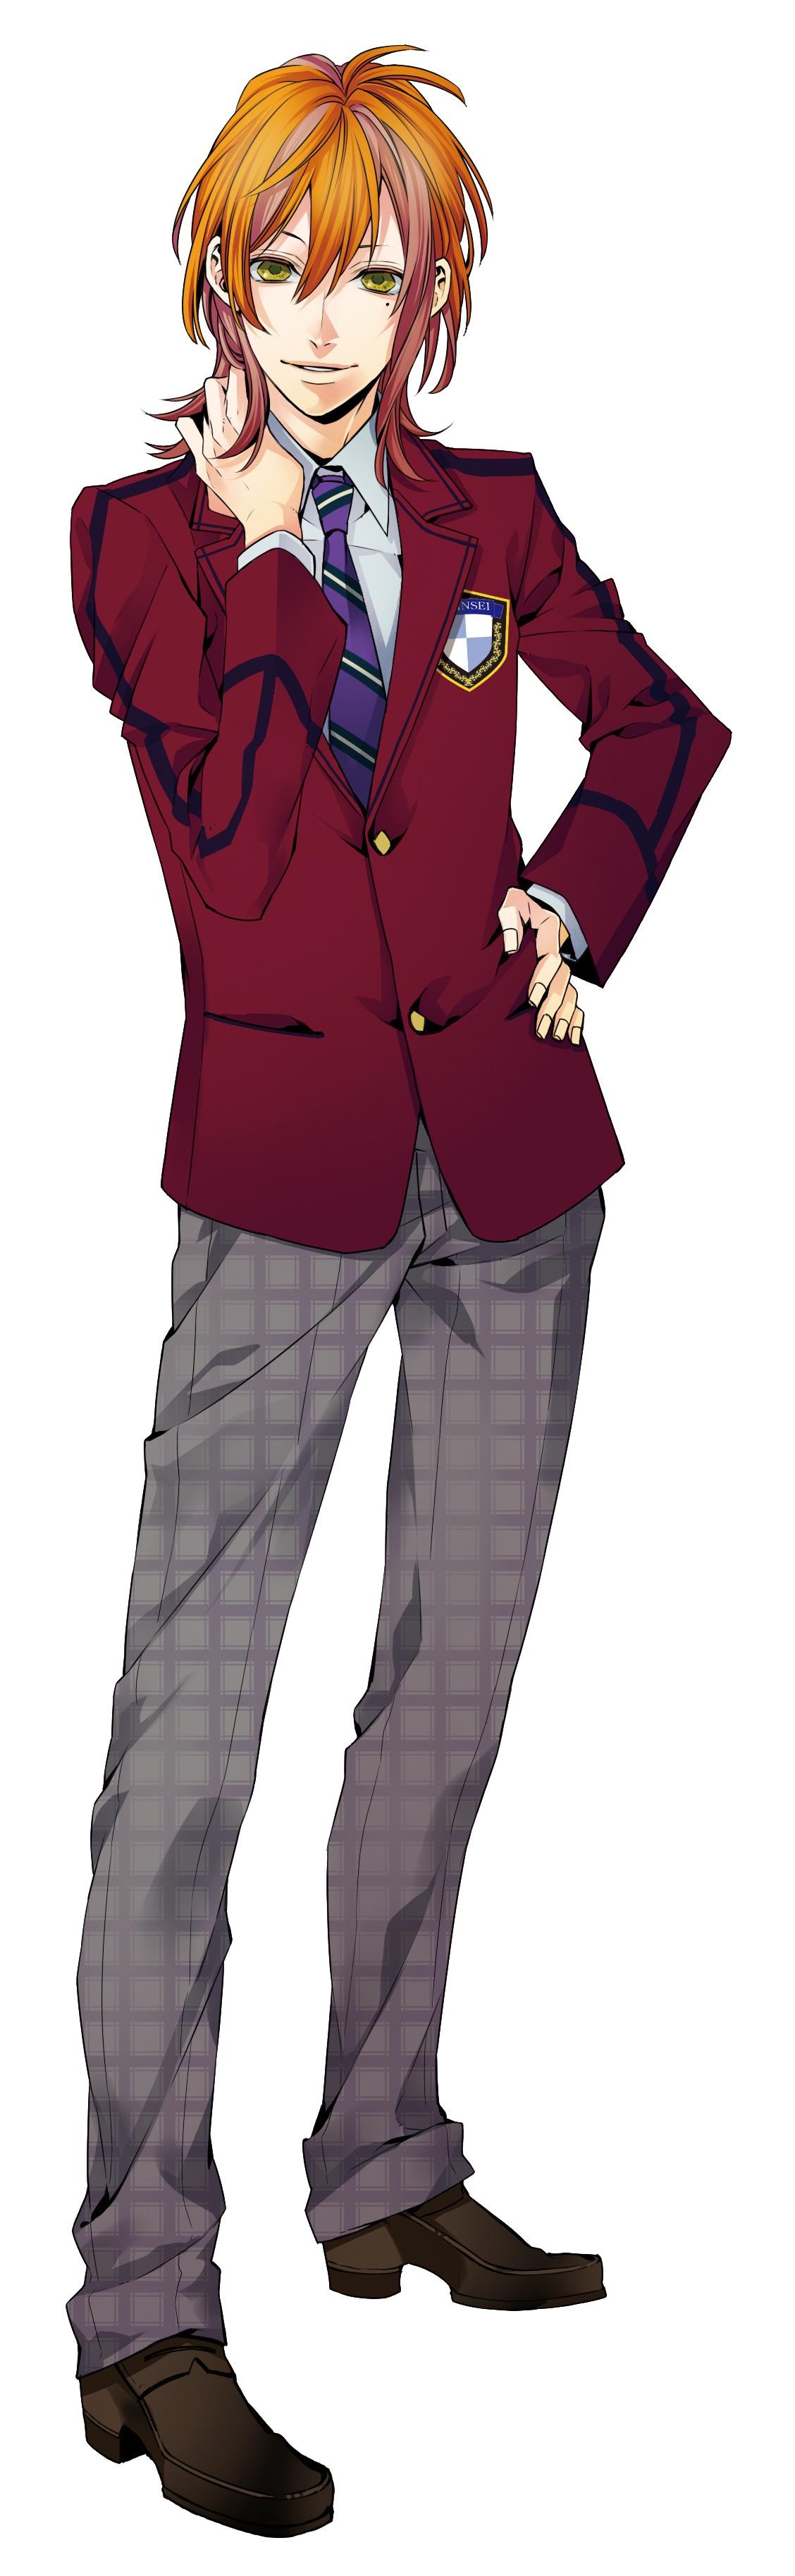 Anime Characters Full Body : Yandere heaven black zerochan anime image board